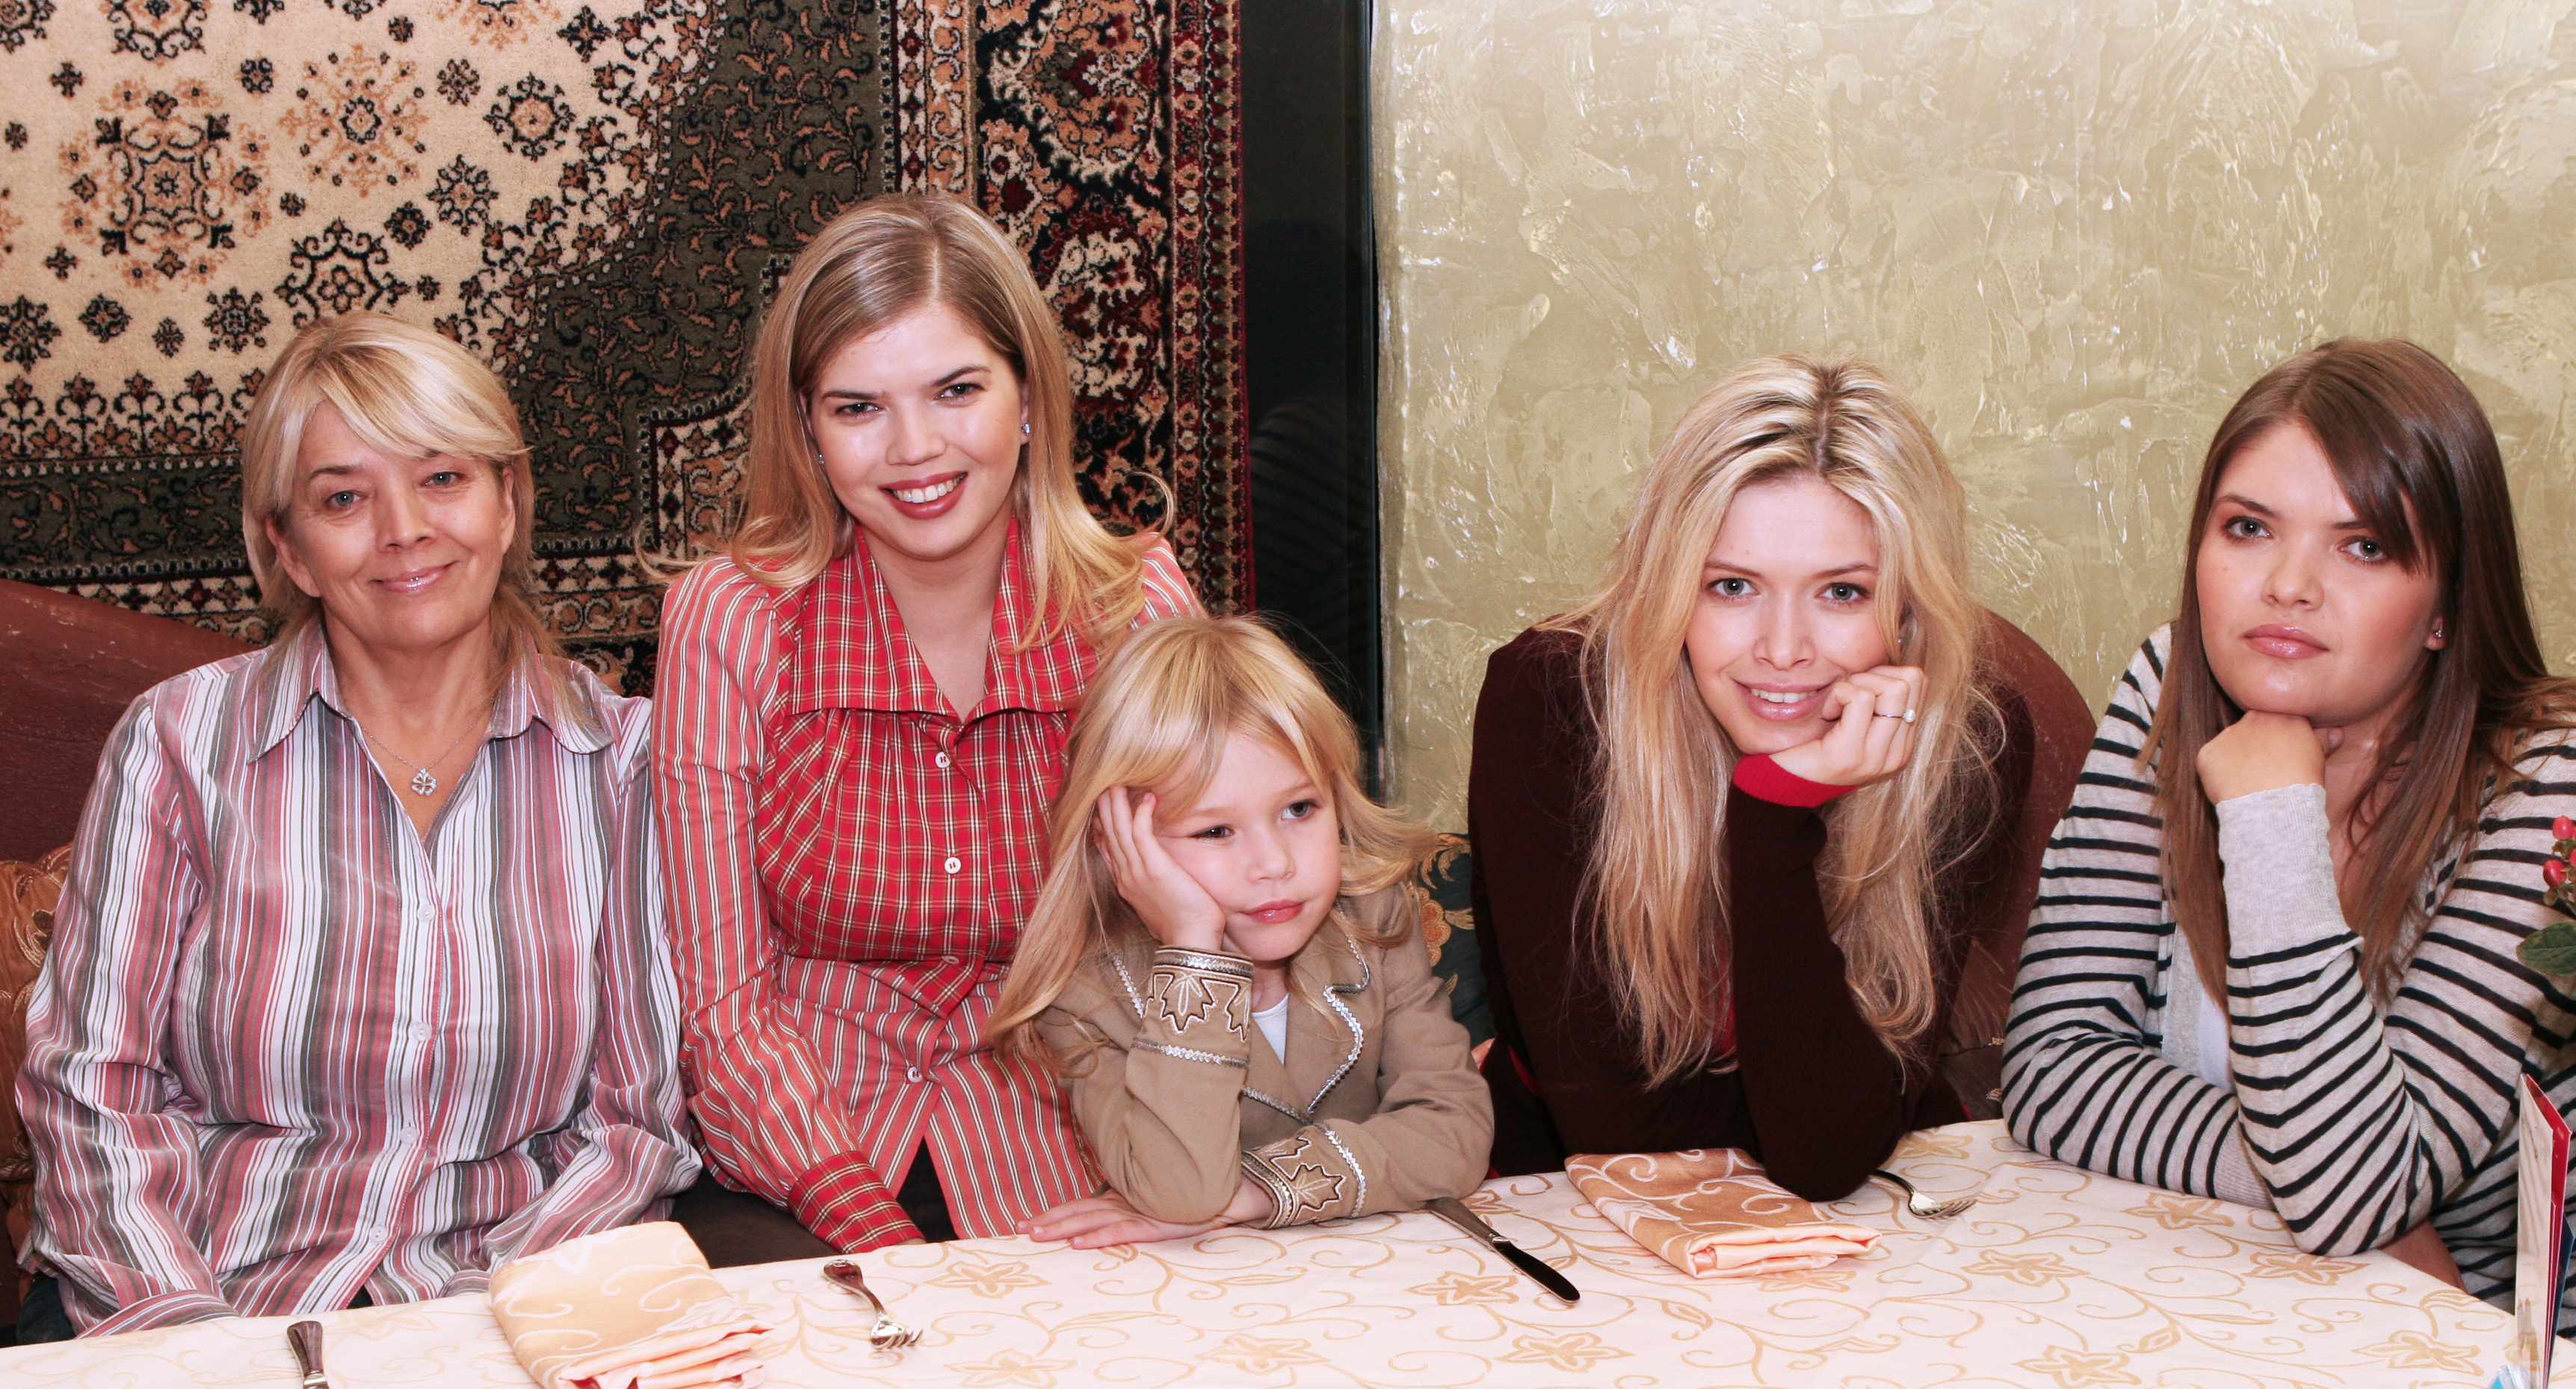 Девушка с подругой и ее мамой фото 230-551